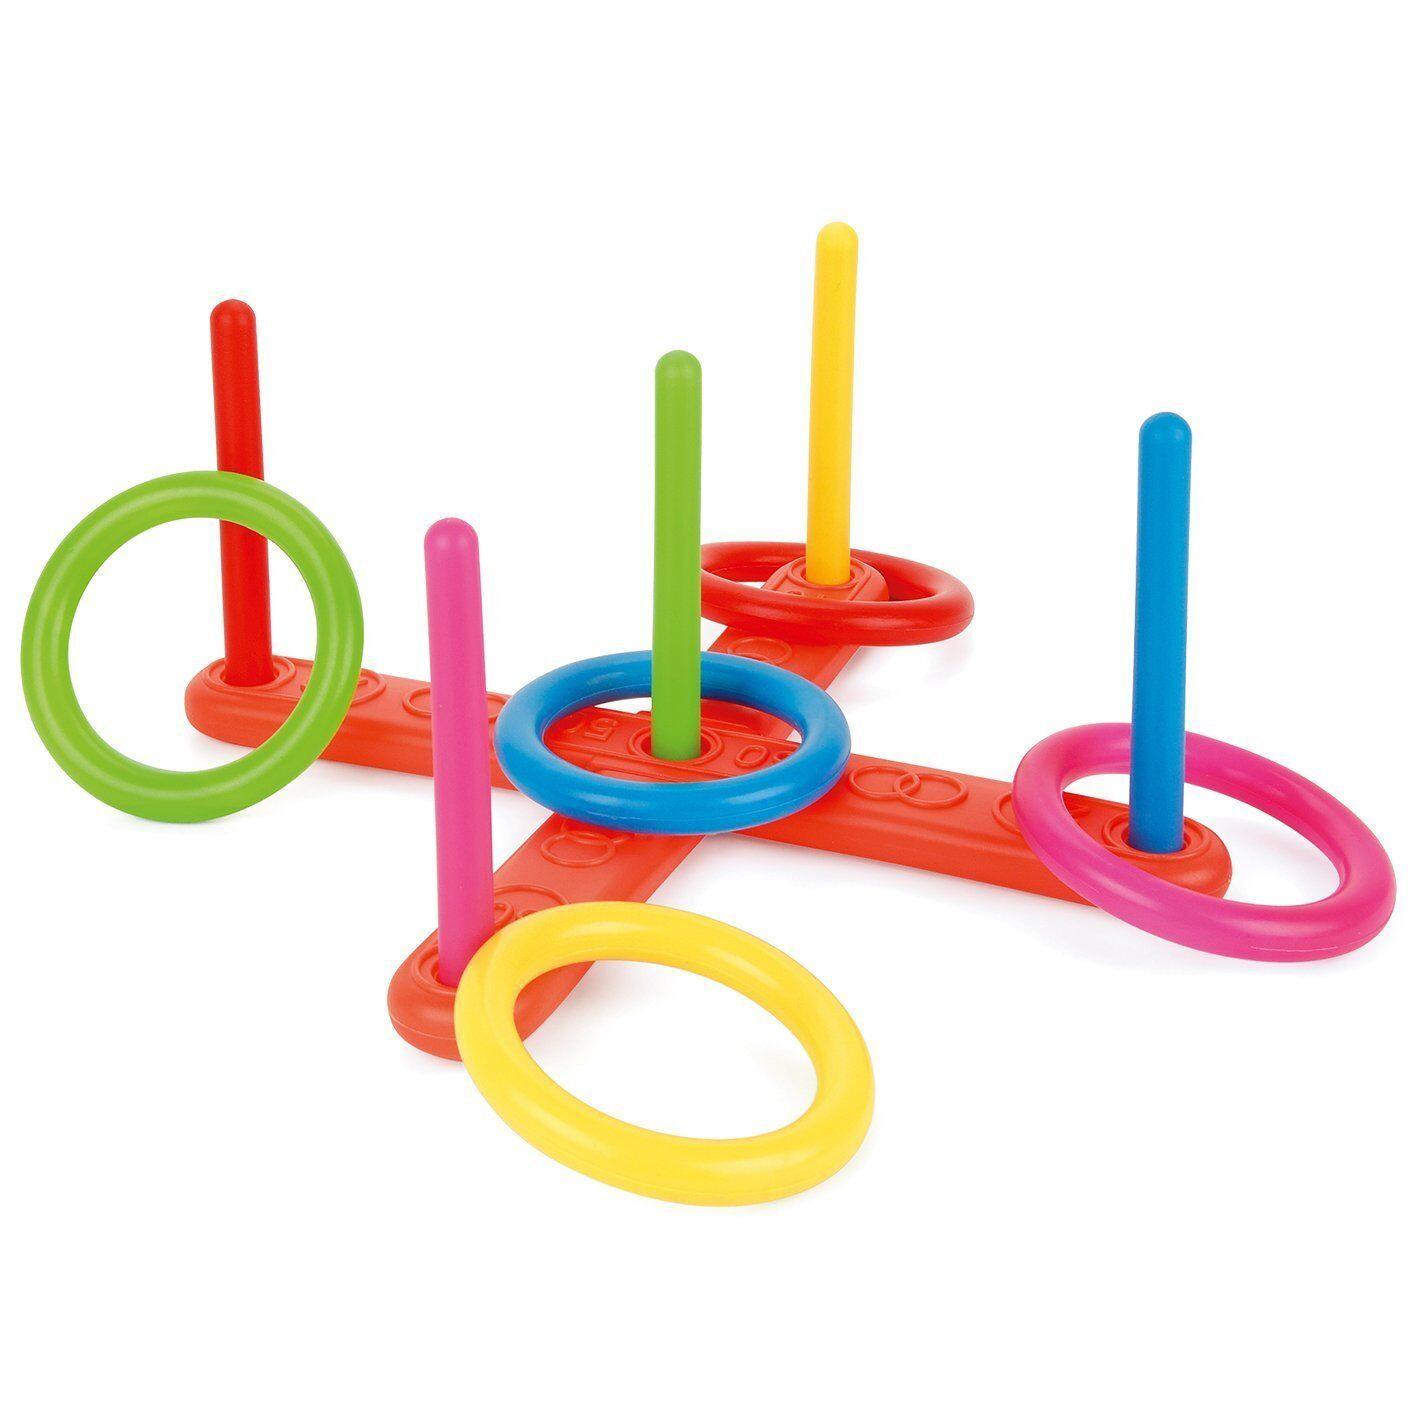 Dettagli su Bambini Bambini Plastica Anelli Giardino Estate Gioco Giocattolo Divertente Hoop Gettare Set mostra il titolo originale